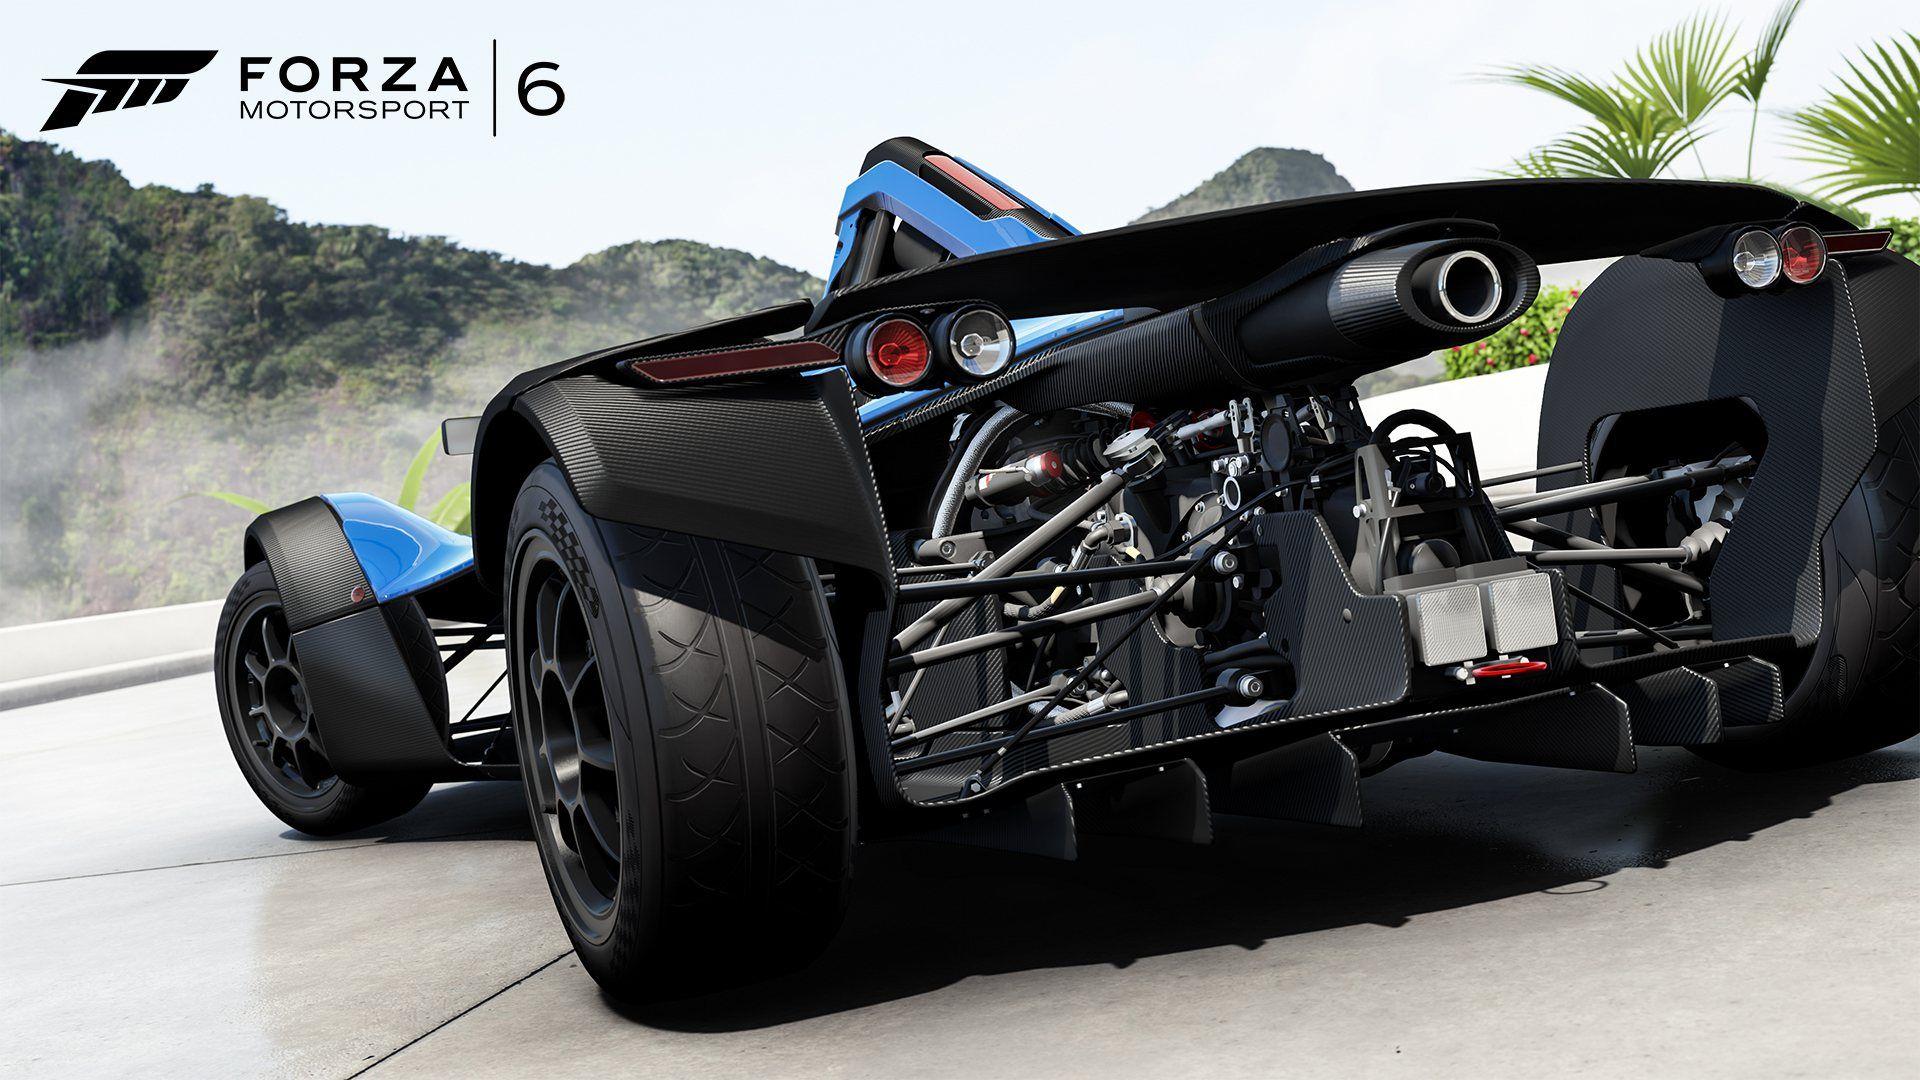 2020 Dodge Dart Srt4 Driving Art Overview